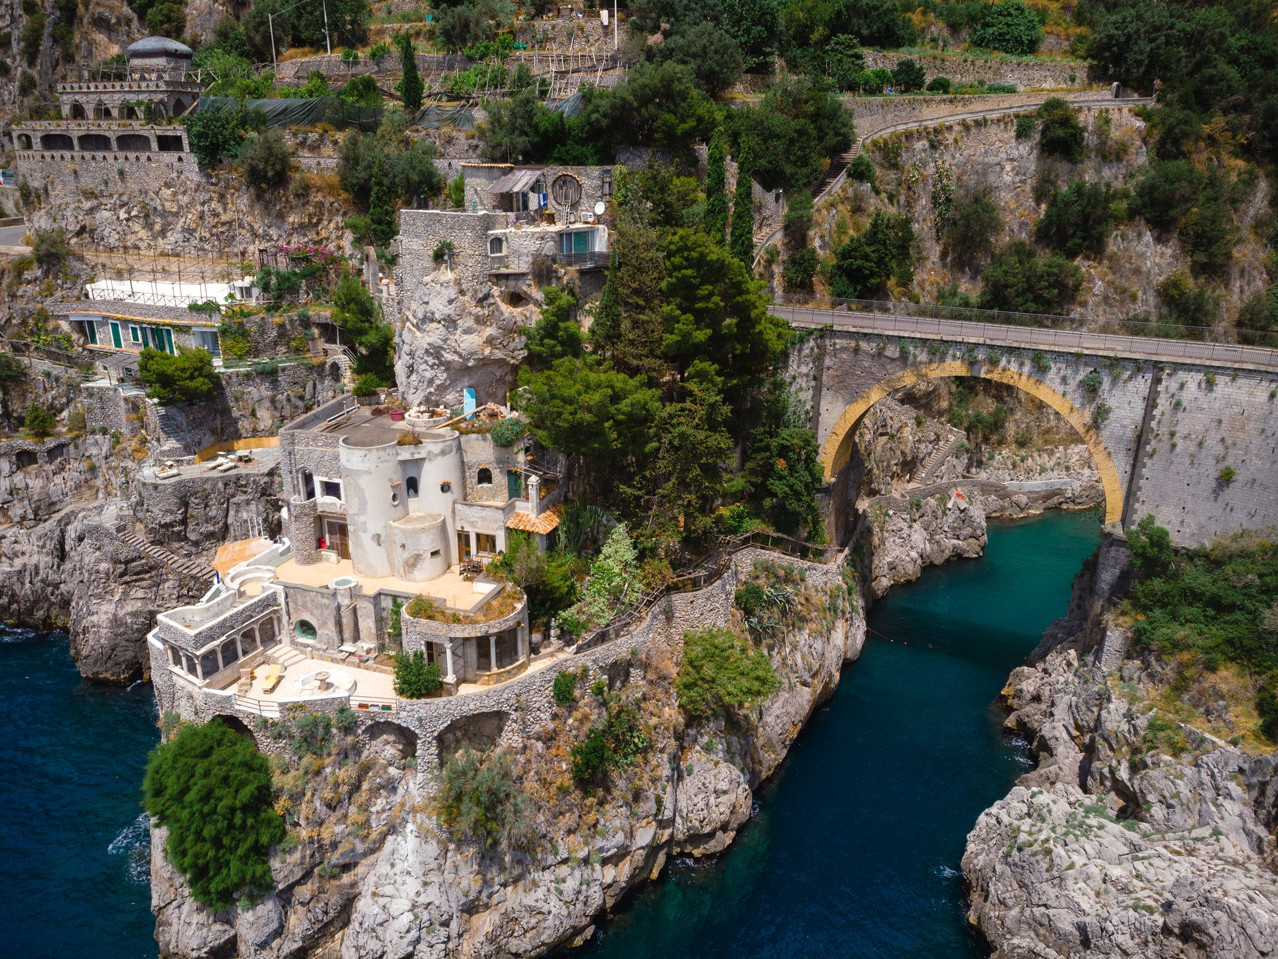 Furore: un borgo meravigliosamente inaspettato - Travel Amalfi Coast